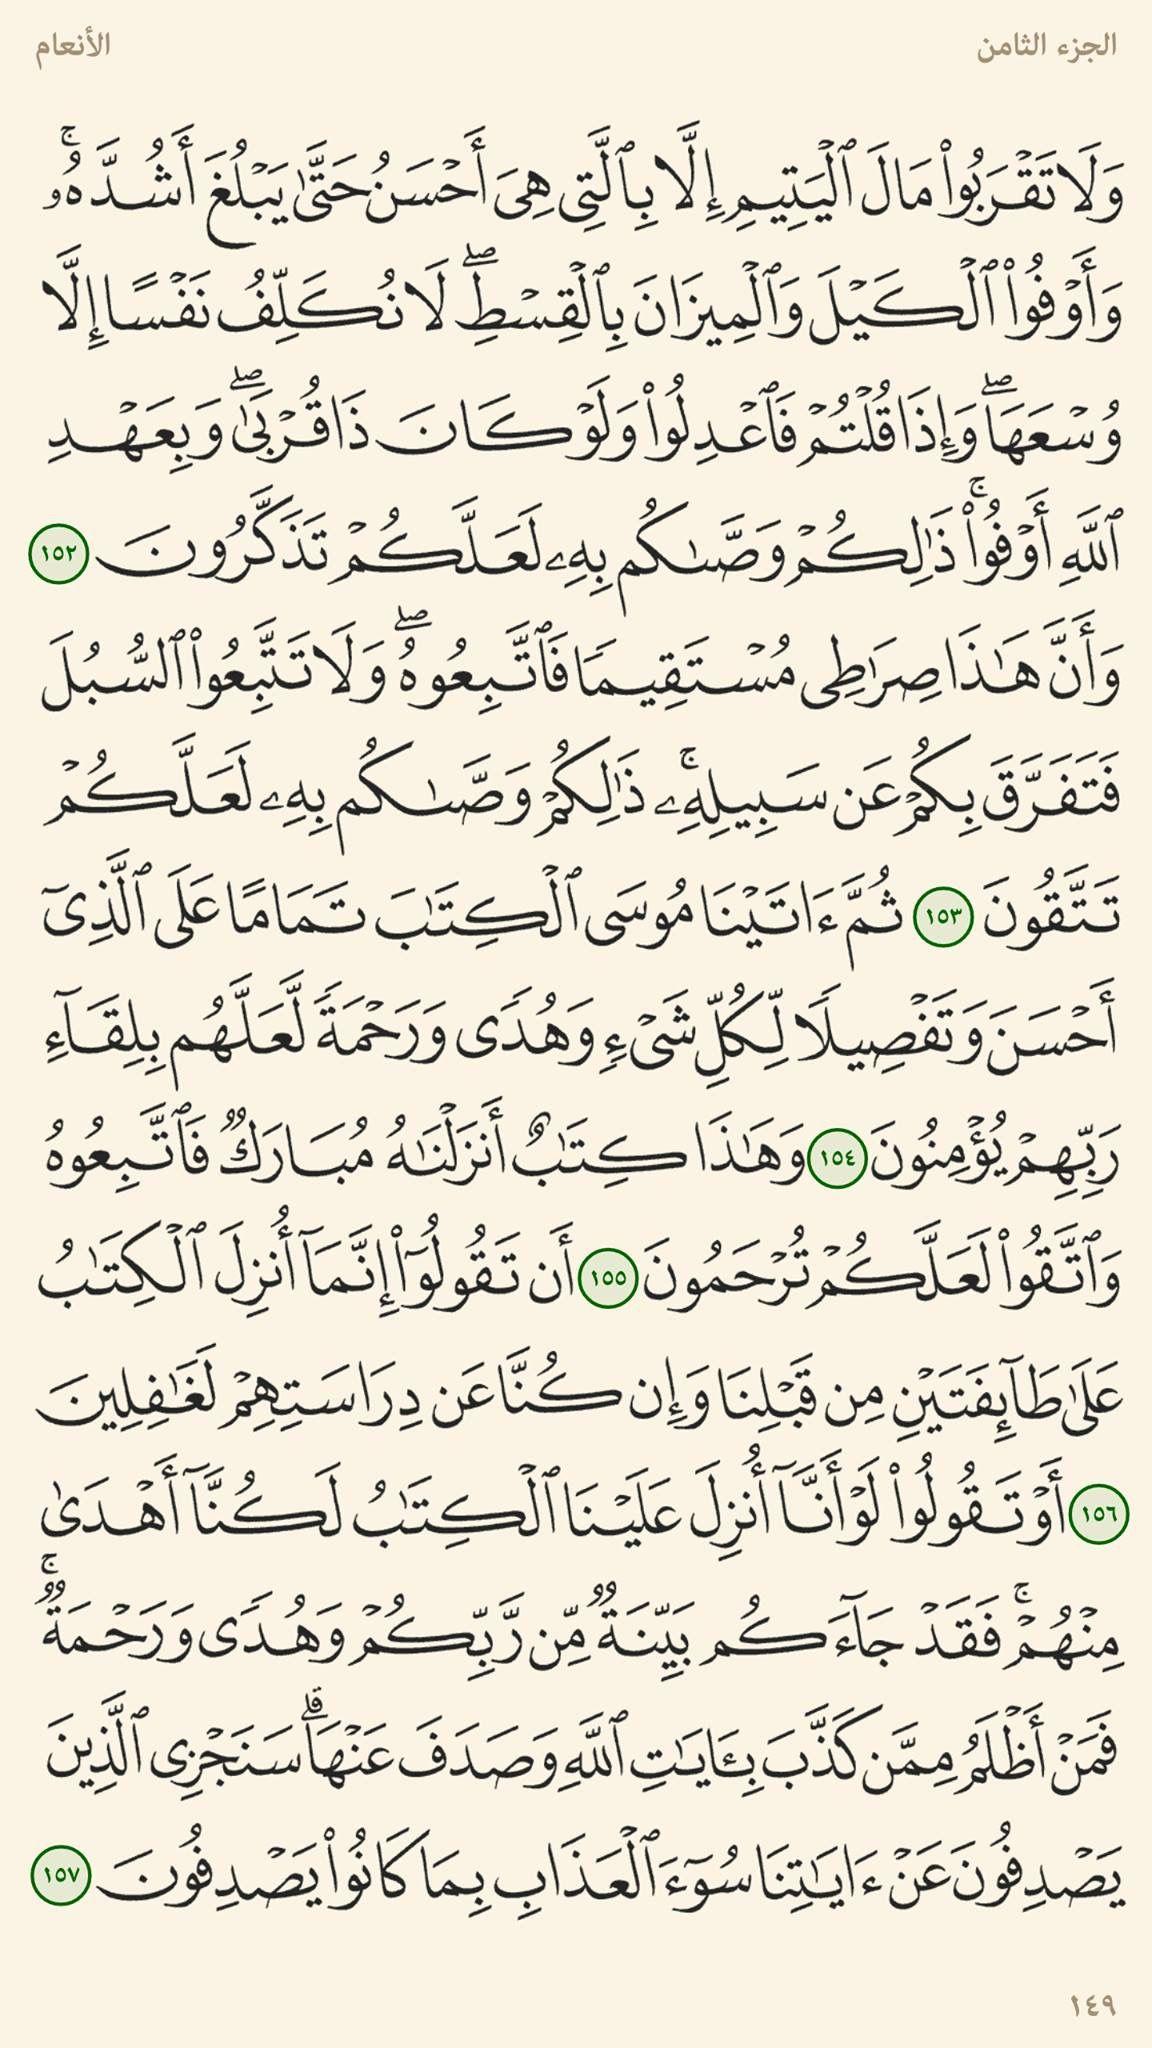 ١٥٢ ١٥٧ الأنعام صفحات المصحف المرتل عبد الباسط Quran Verses Math Sheet Music